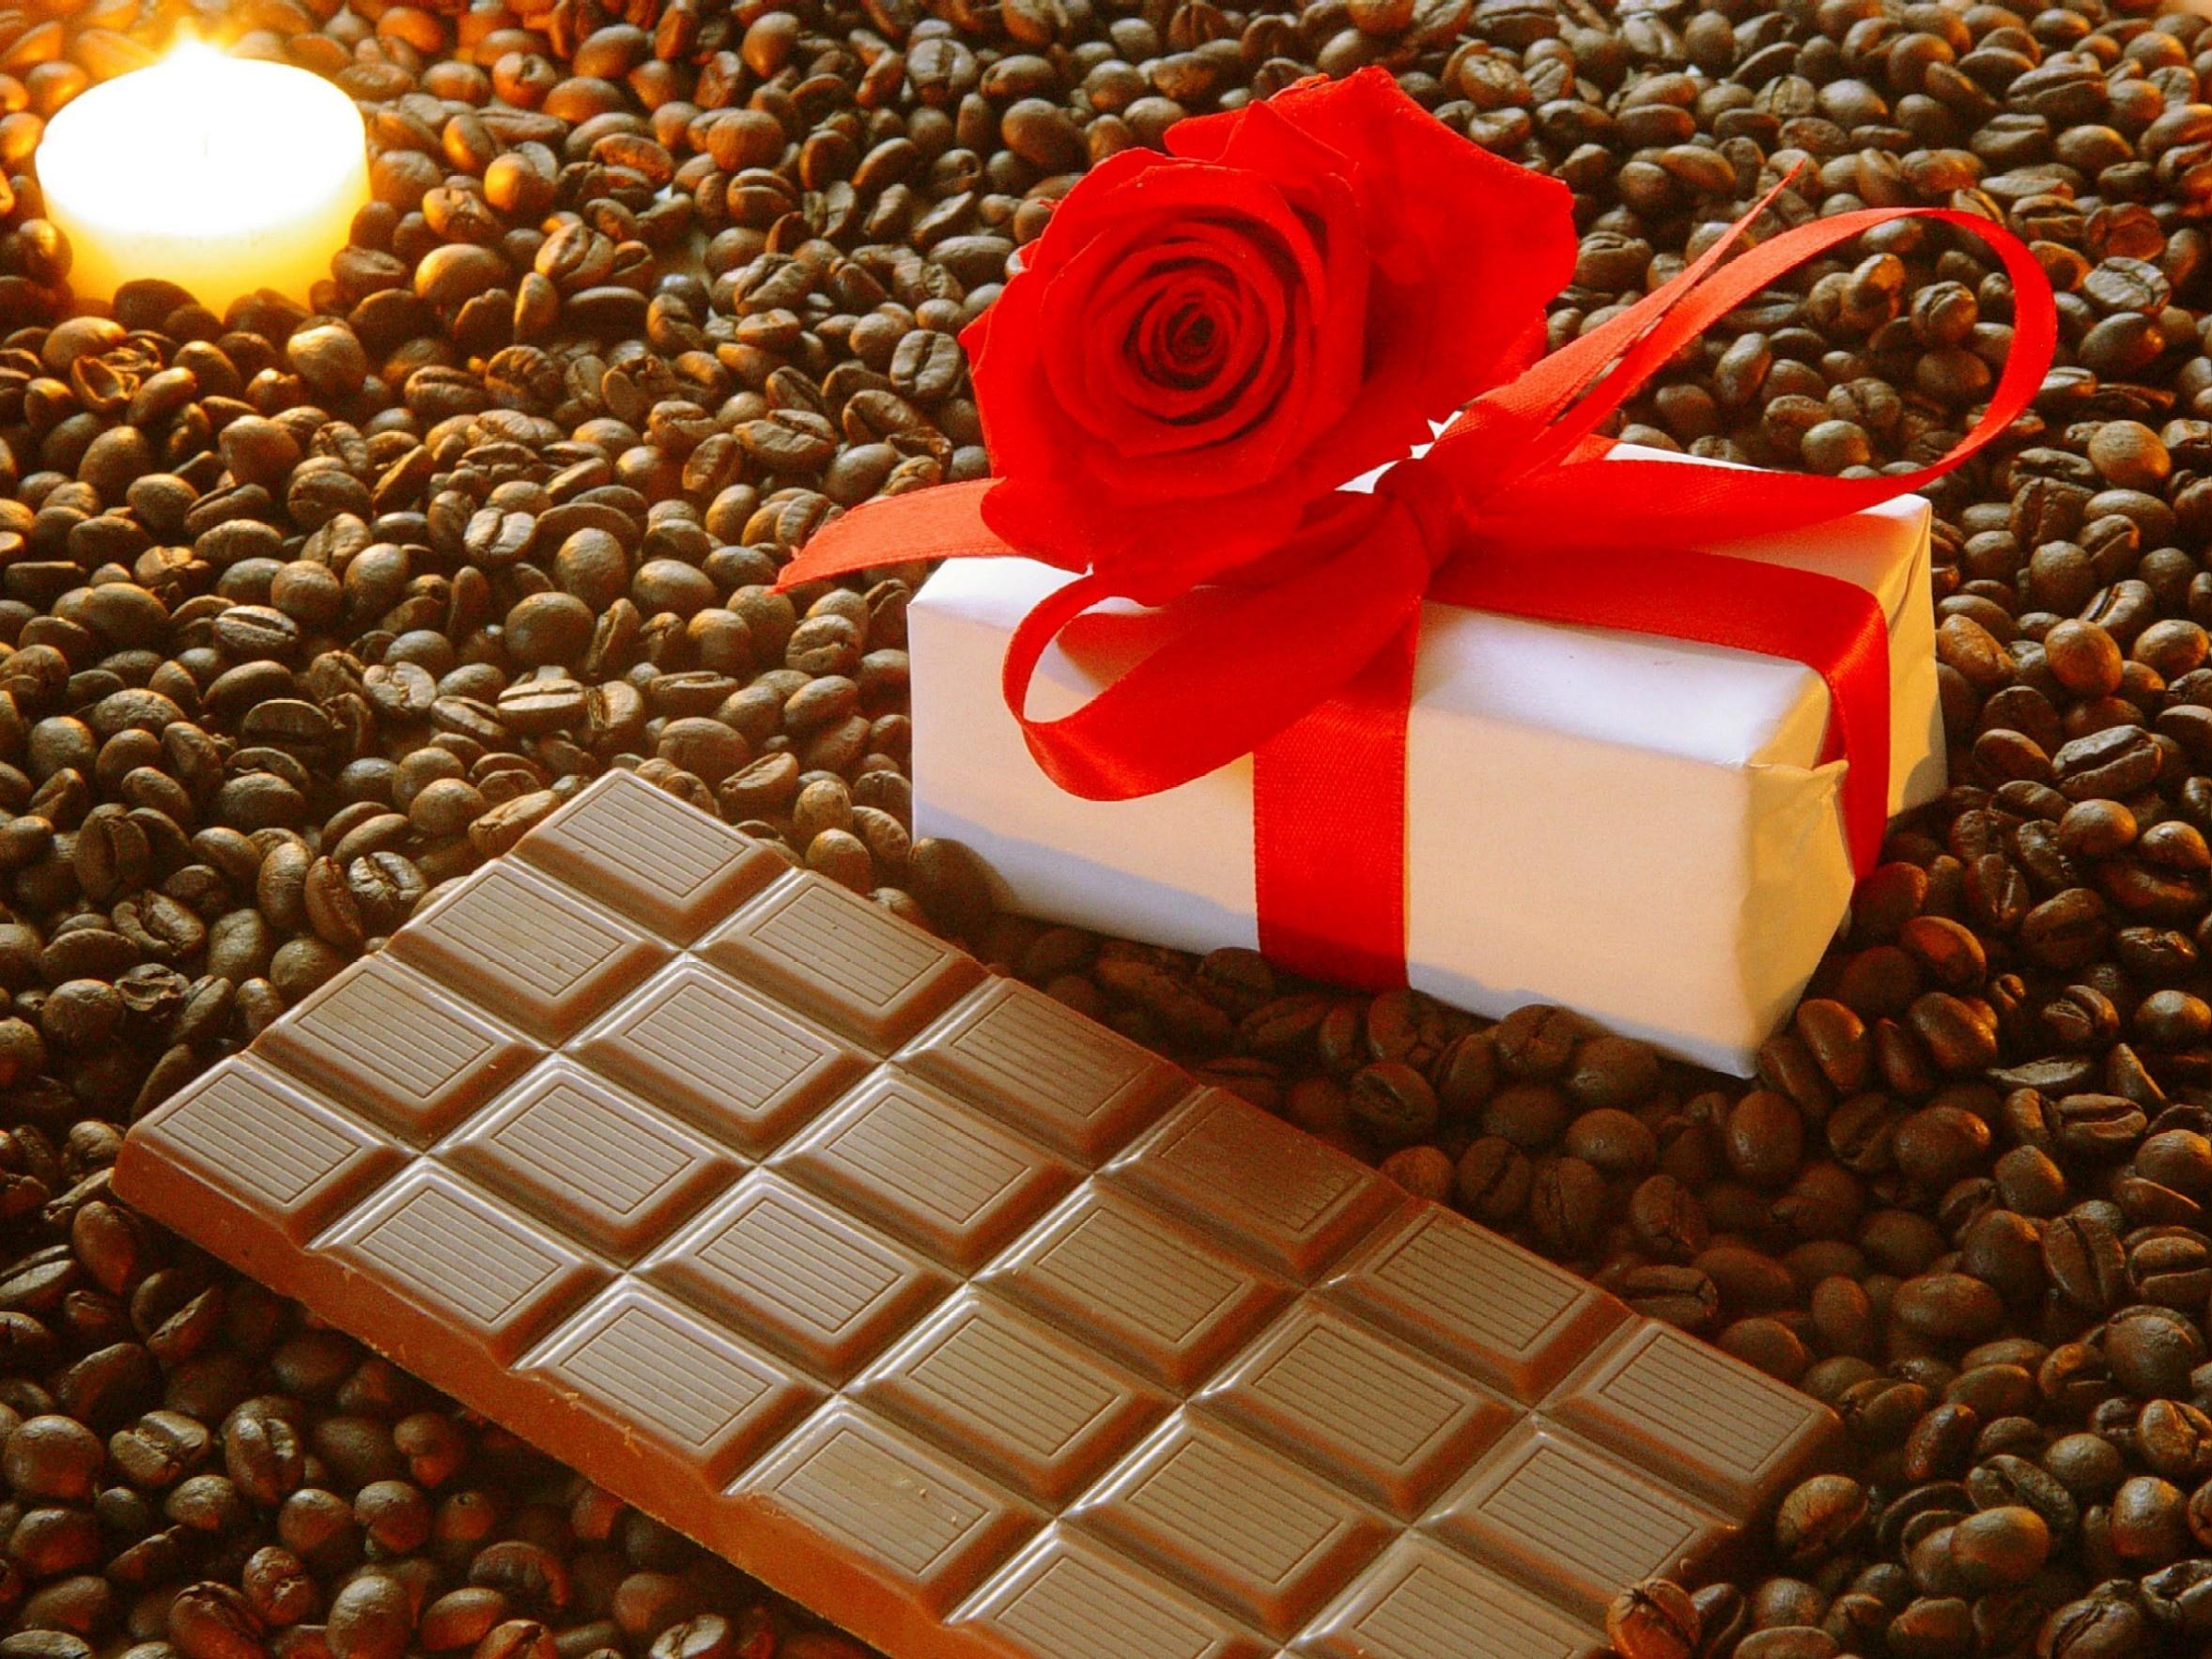 плитка шоколада, шоколад, chocolate bar, texture, wallpaper, скачать фото, обои для рабочего стола, кофейные зерна